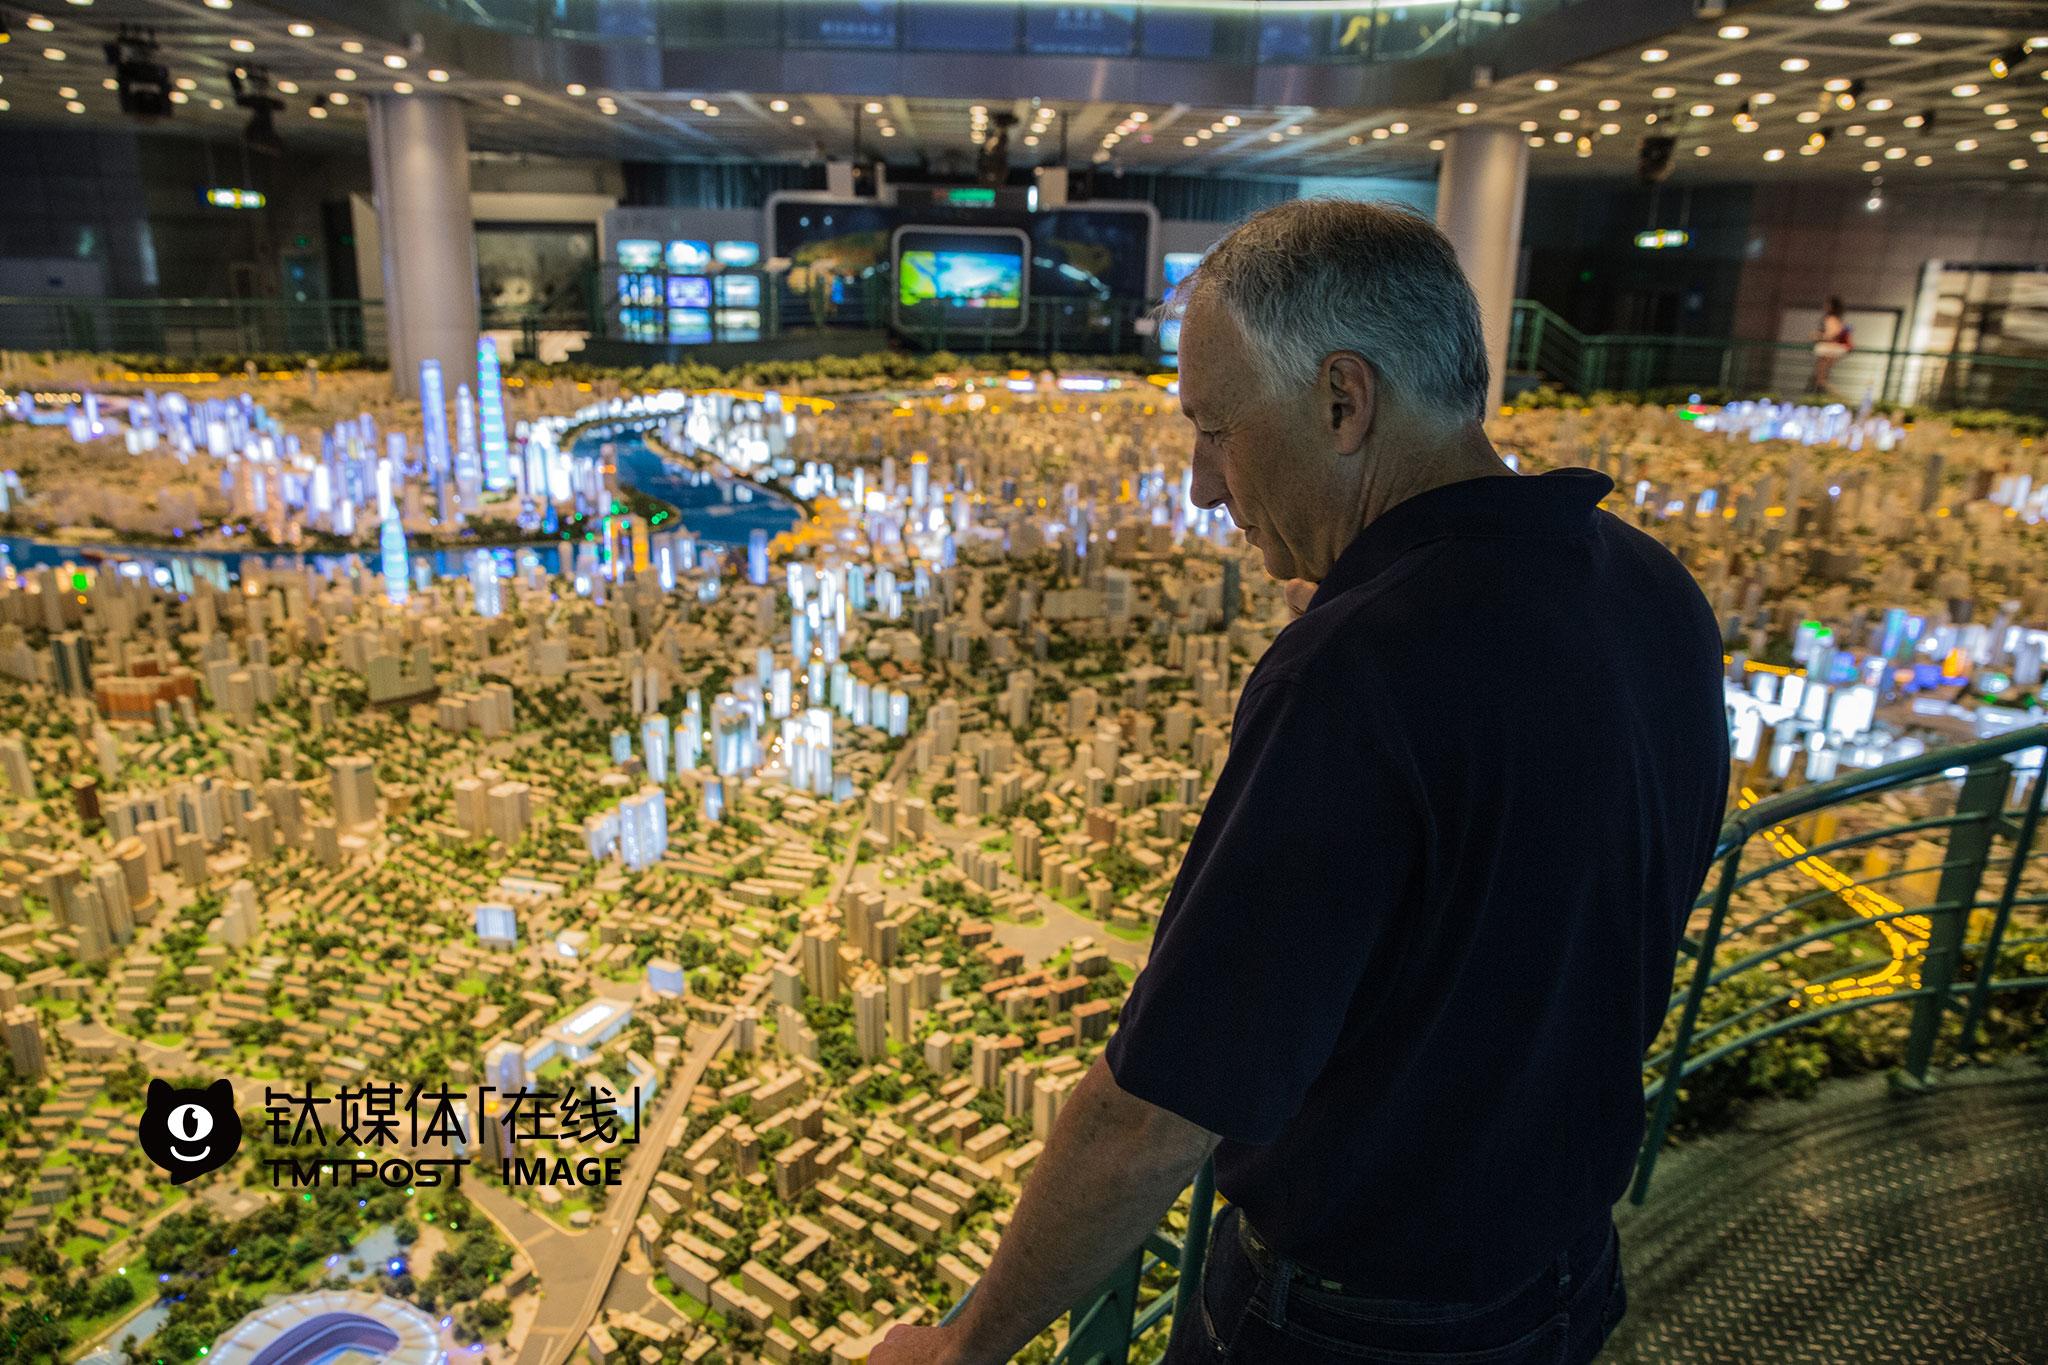 """上海的城市模型让阿瑟顿市副市长Michael大为赞叹。""""我们那也有,不过比这小多了"""",Michael所在的阿瑟顿市,""""处于硅谷中心位置,全美国房价最高的地方"""",没有创业公司办公室,只有住宅,是硅谷很多大公司CEO、投资人最理想的安家场所。"""